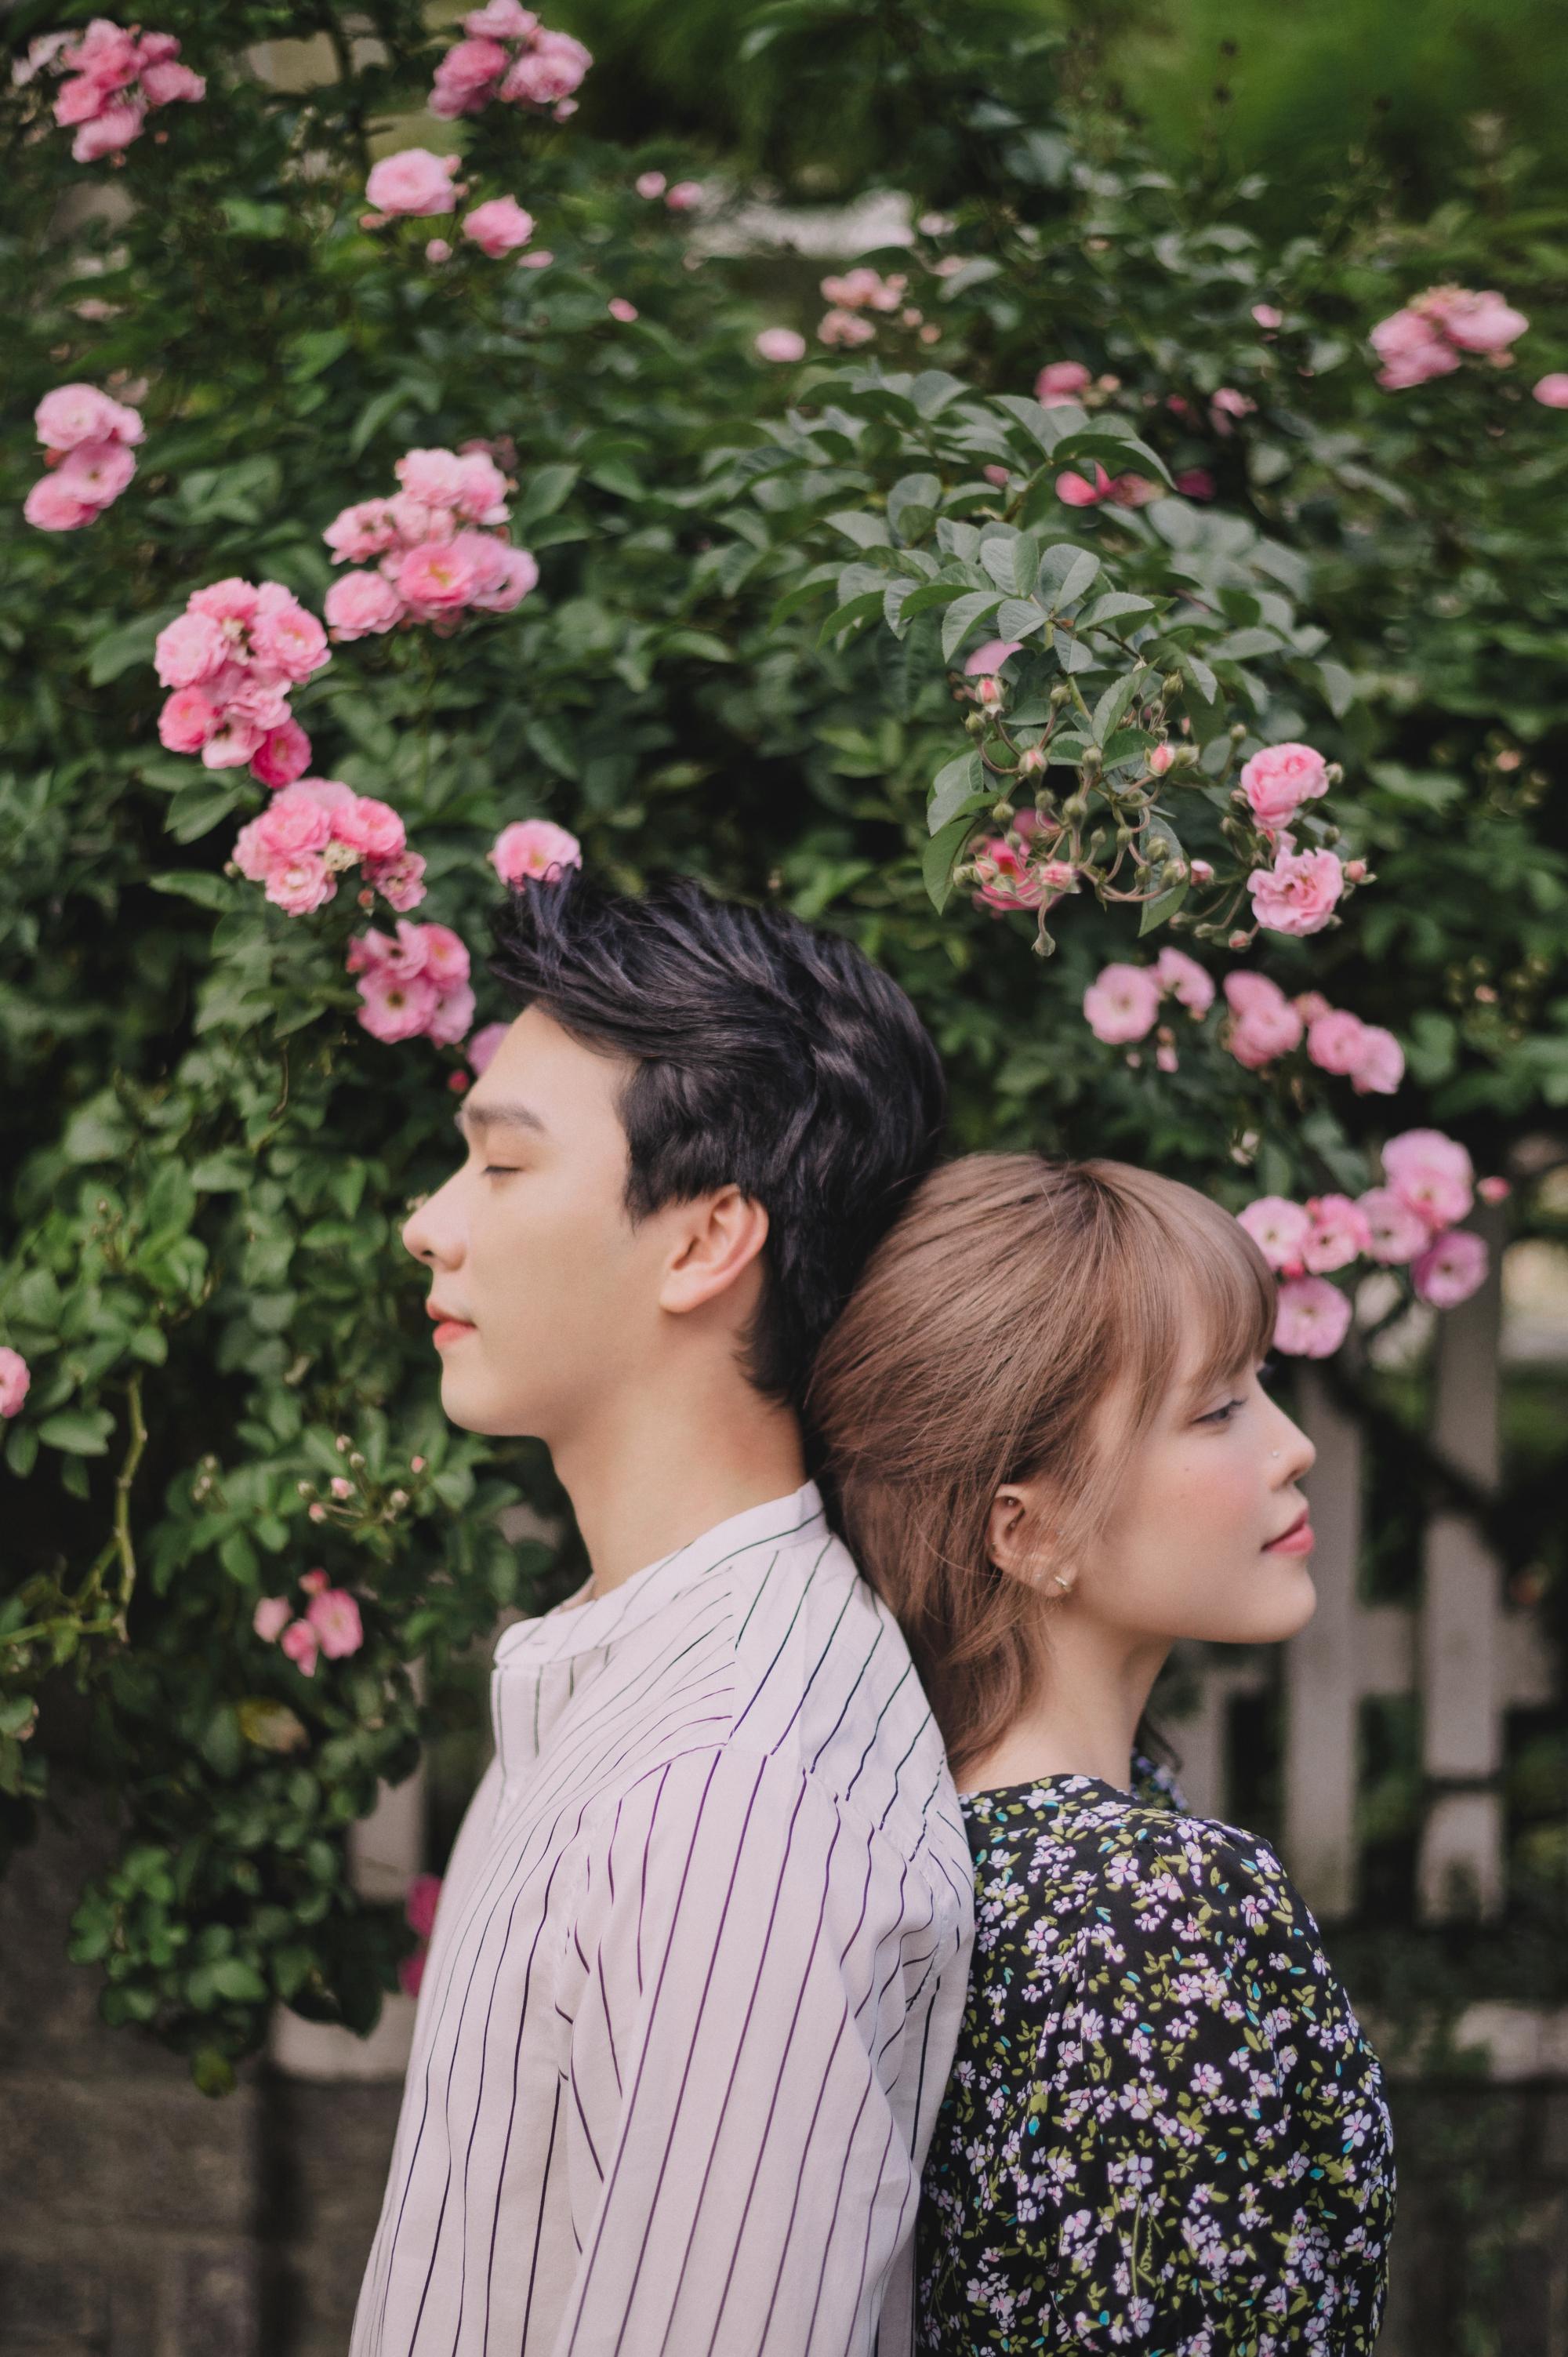 Thiều Bảo Trâm ra MV tươi trẻ sau chia tay, netizen bình luận bù đắp thanh xuân sau mất mát - 1